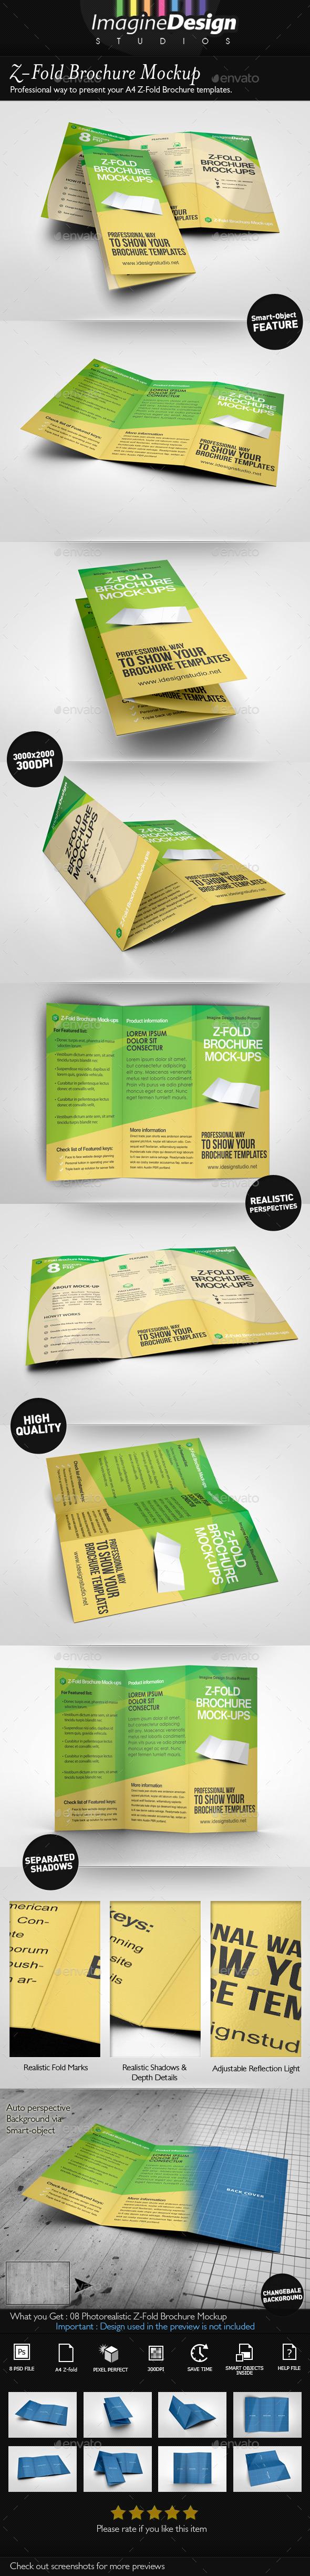 GraphicRiver Z-Fold Brochure Mockup 8914939